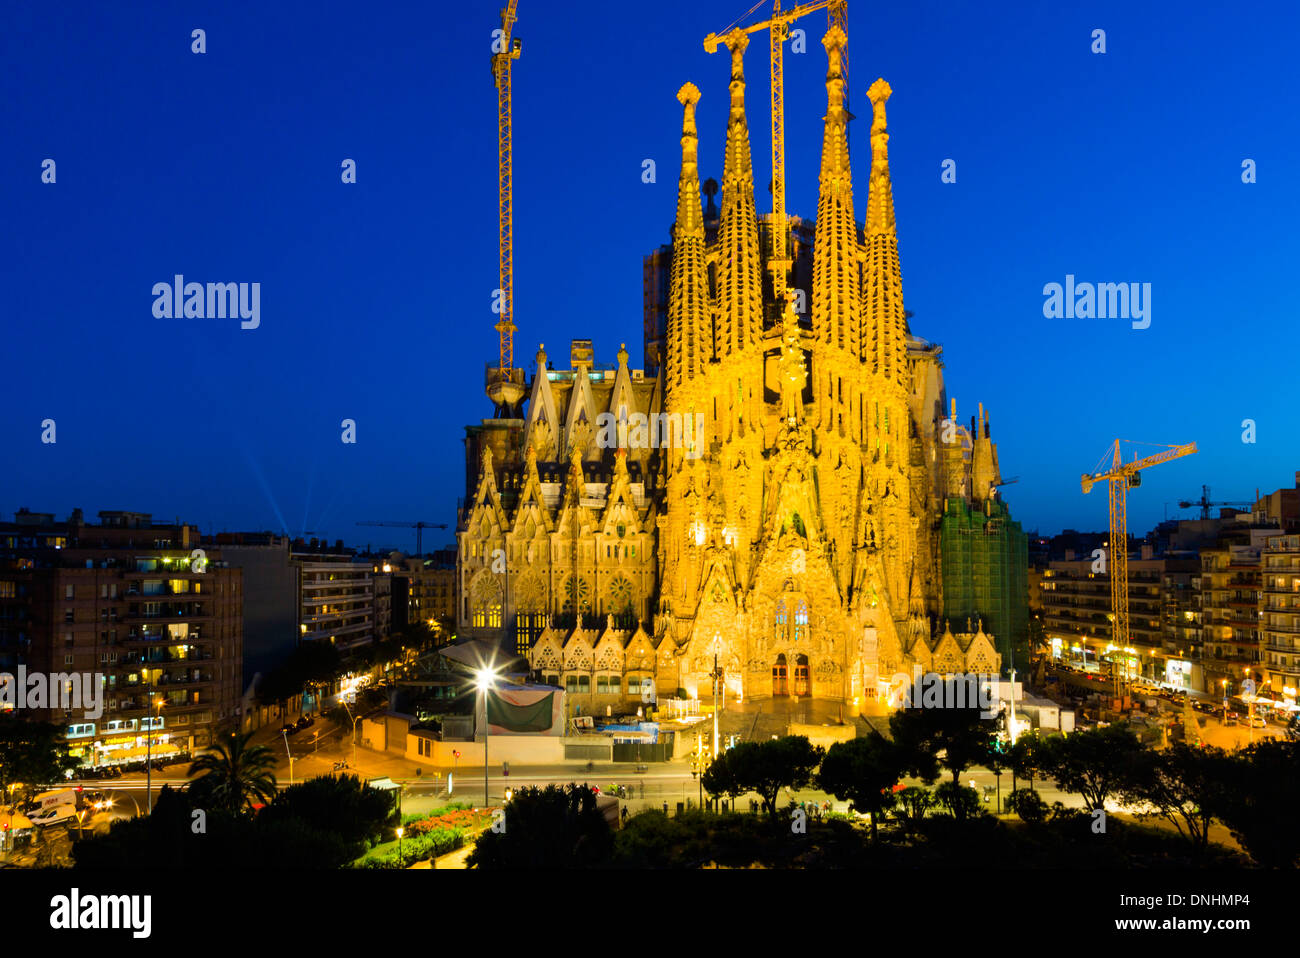 Dans une ville, l'église Sagrada Familia, Barcelone, Catalogne, Espagne Banque D'Images